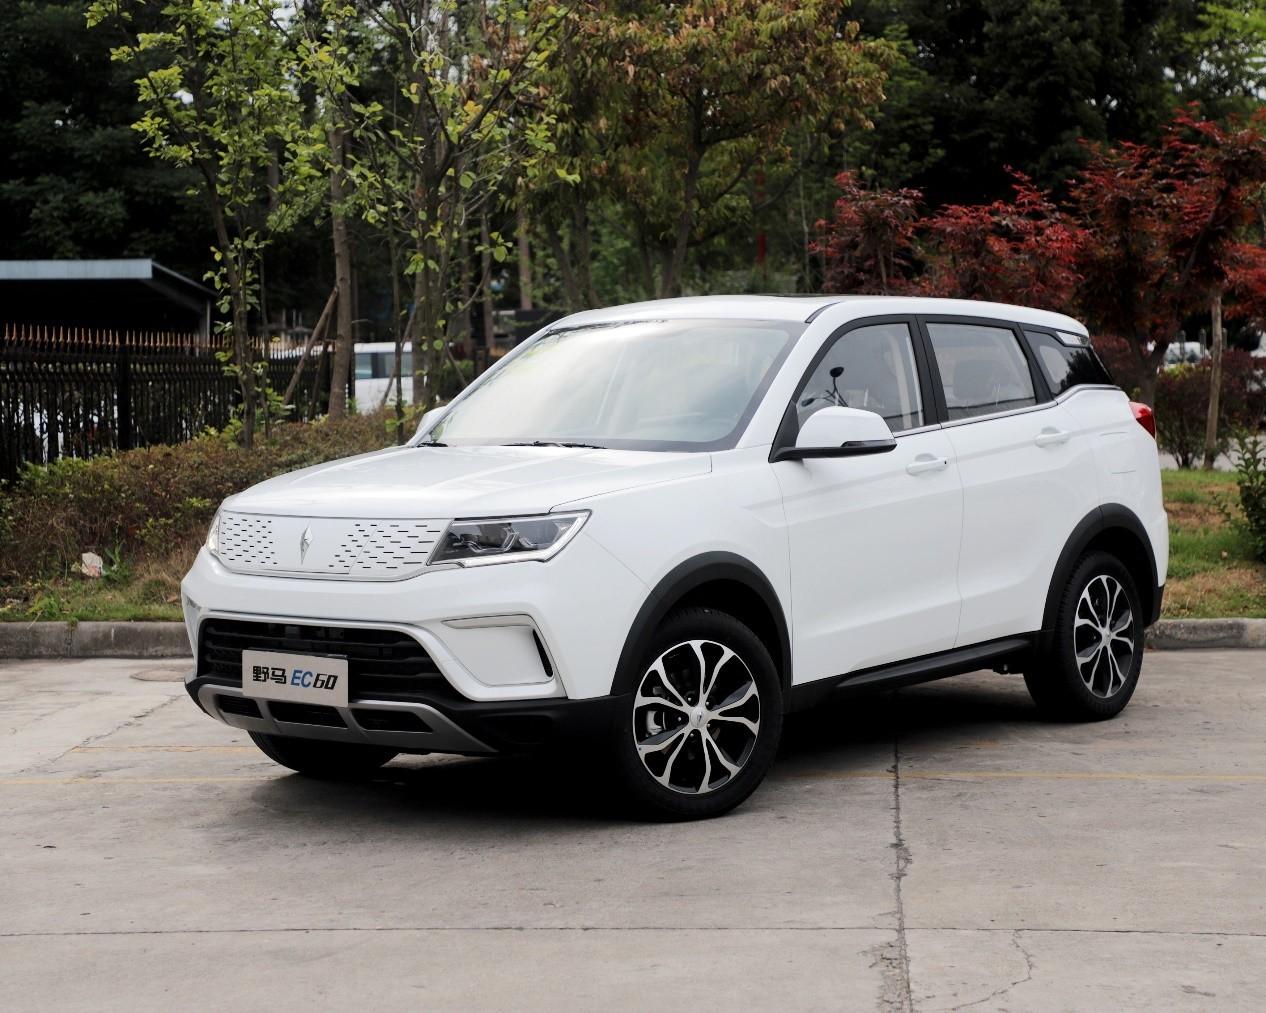 5月大量新電動車型涌入,看看哪些車貴的沒道理